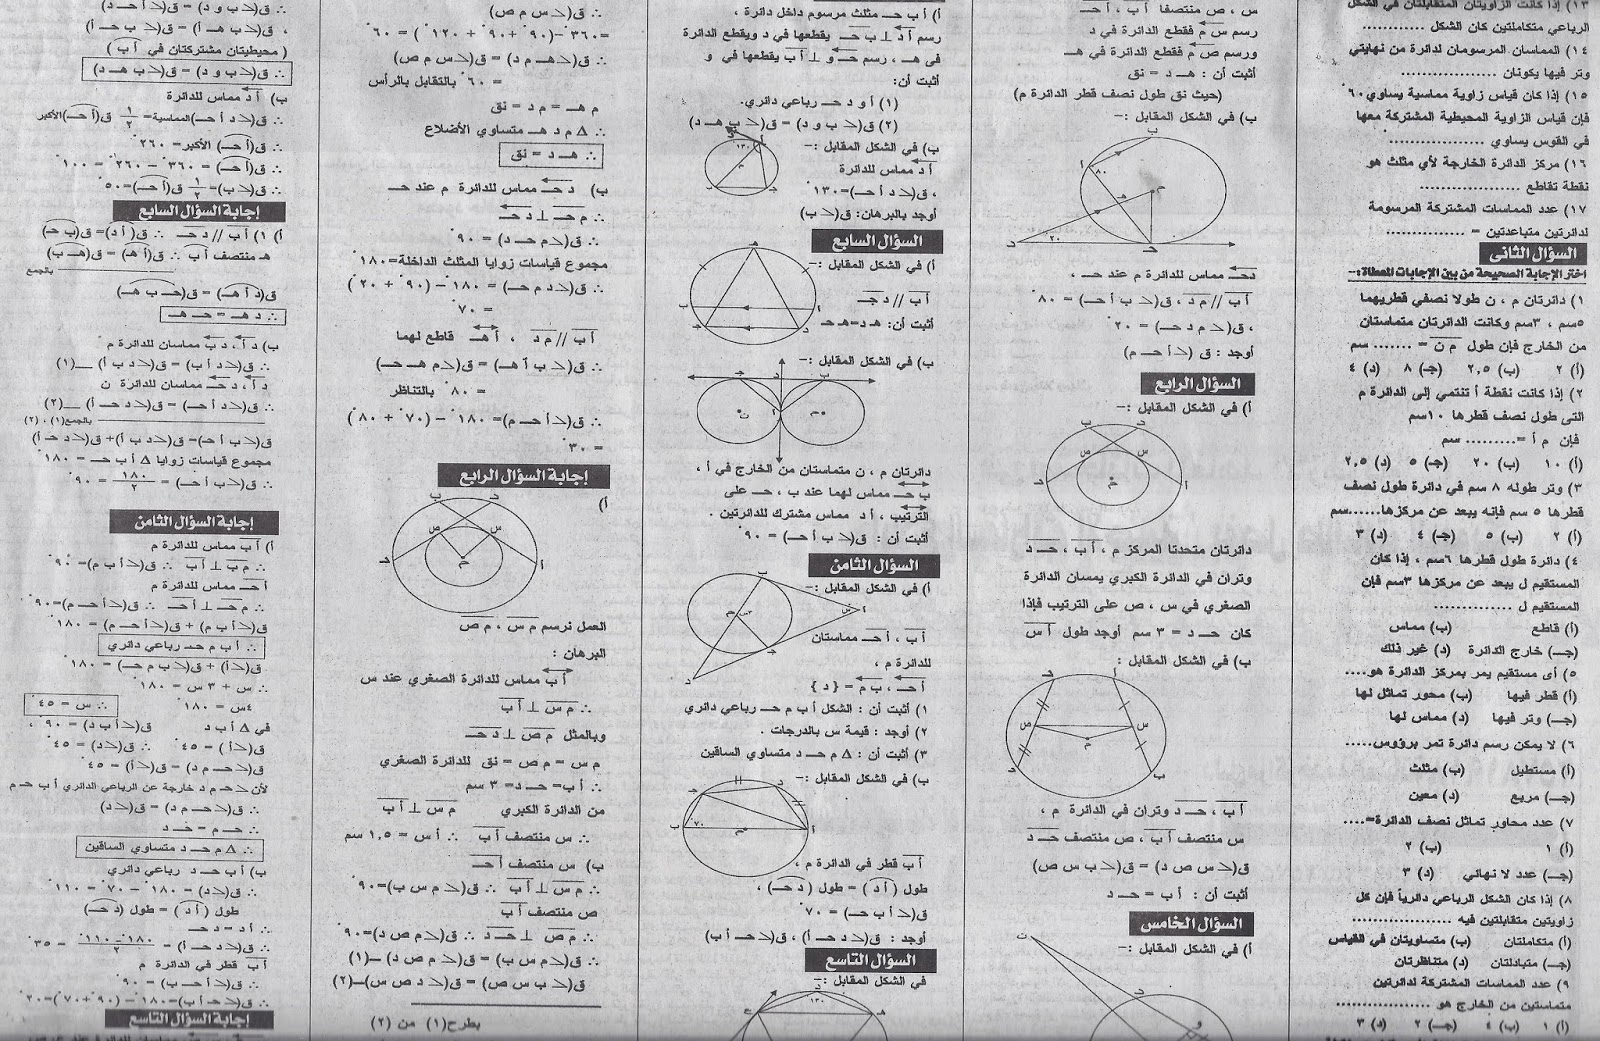 الاسئلة المتوقعة فى الهندسة واجاباتها النموذجية للشهادة الاعدادية الترم الثانى مصر scan0001.jpg